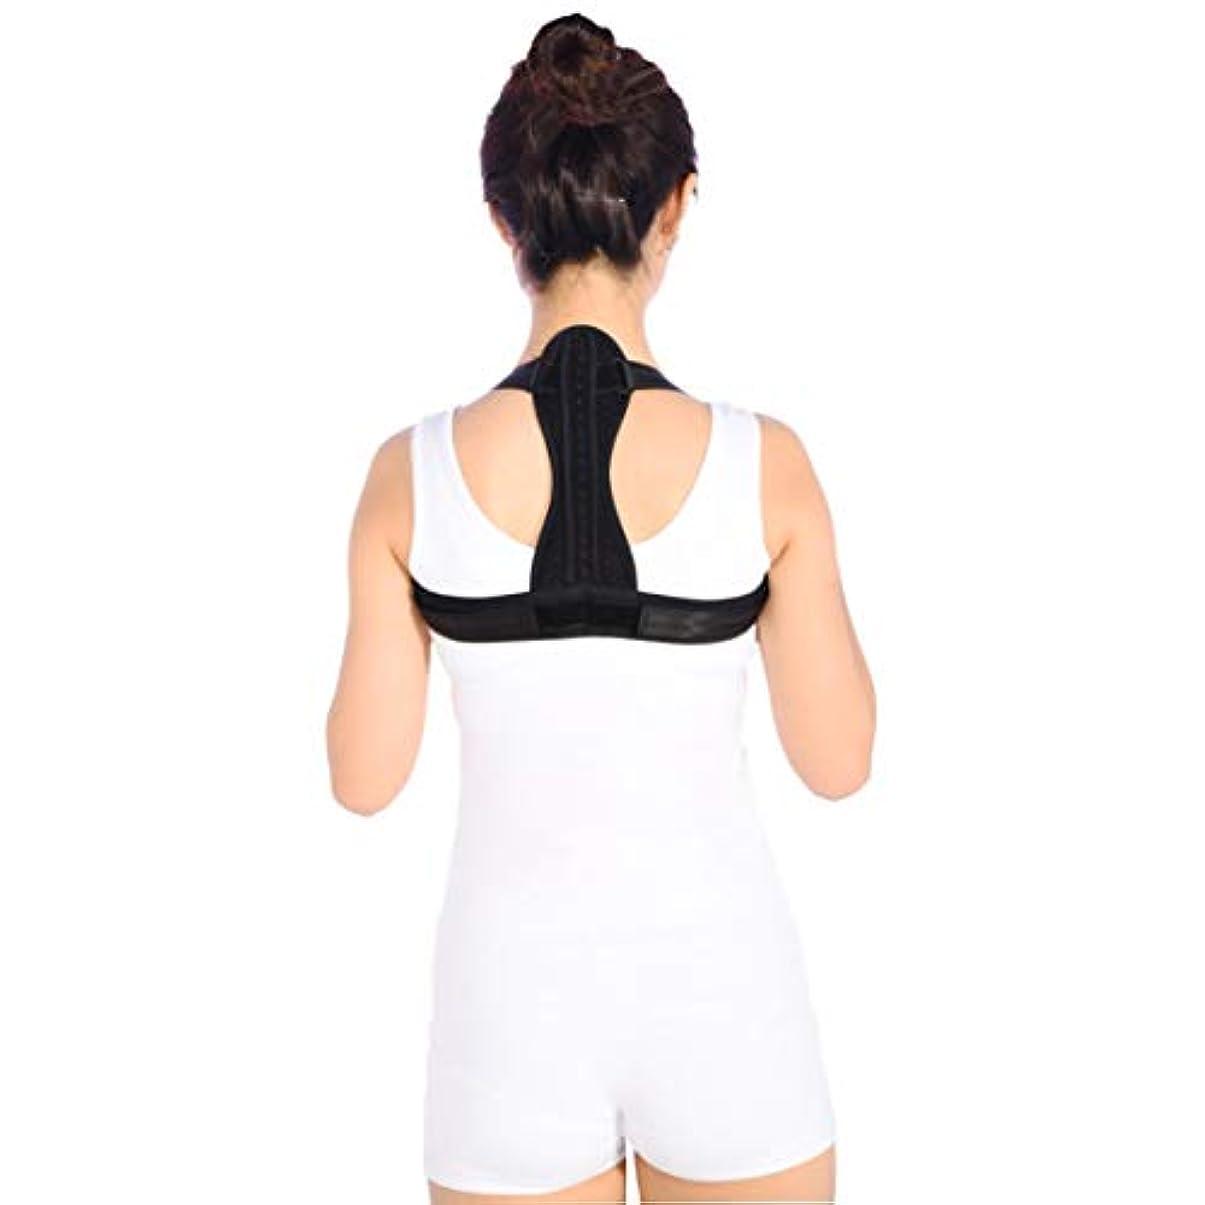 シプリー危機大型トラック通気性の脊柱側弯症ザトウクジラ補正ベルト調節可能な快適さ目に見えないベルト男性女性大人学生子供 - 黒